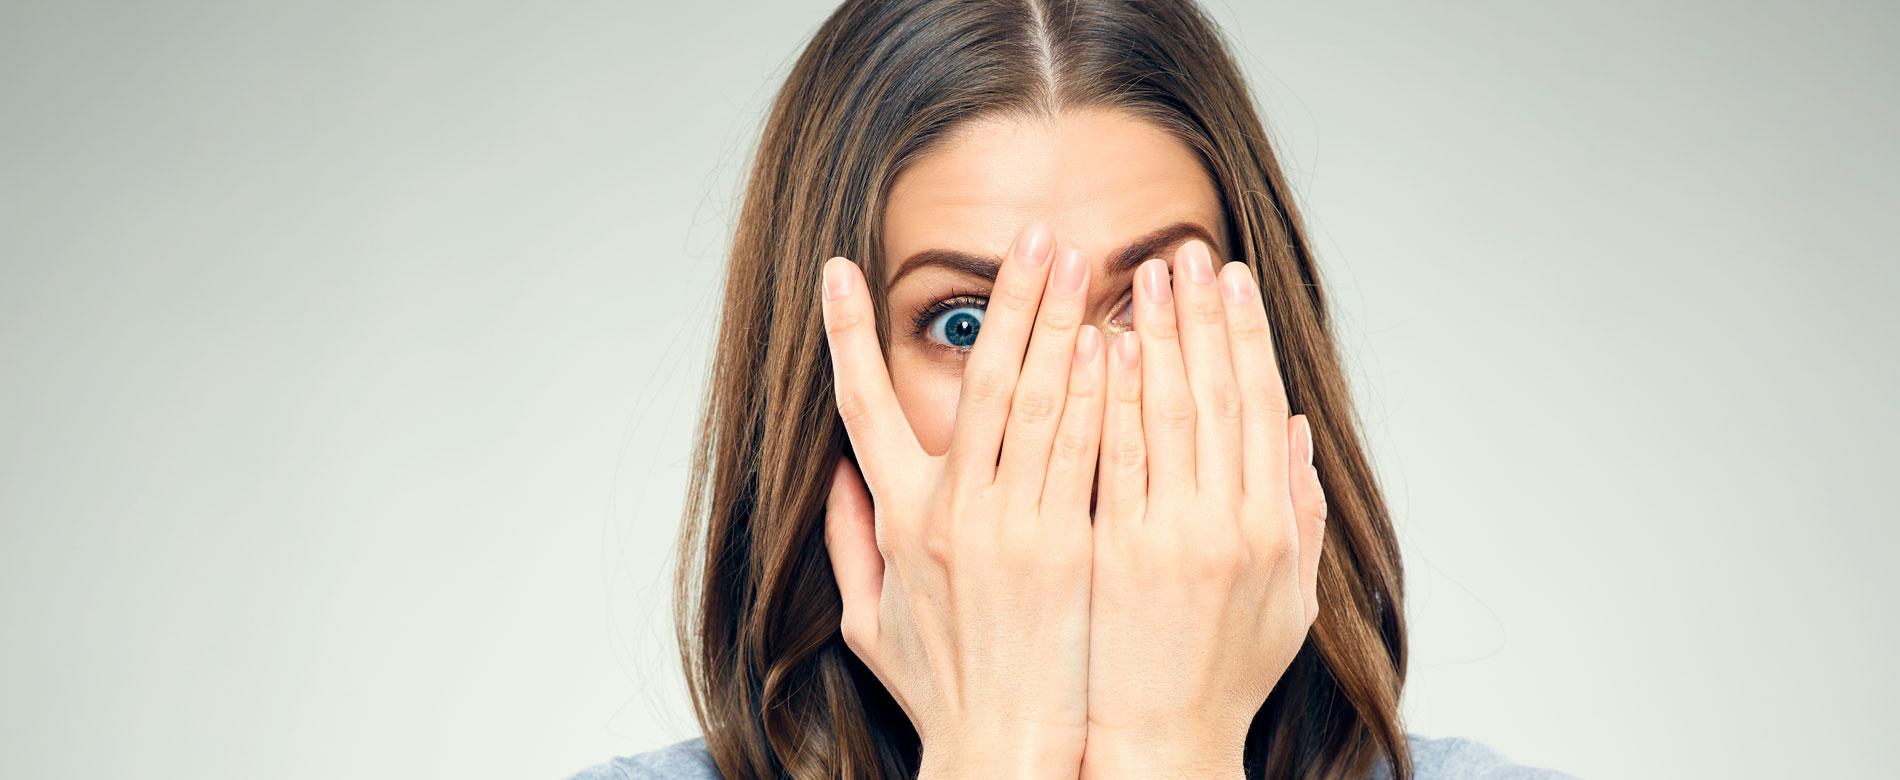 170 – Qu'est-ce que votre visage et vos vêtements parlent de vous?